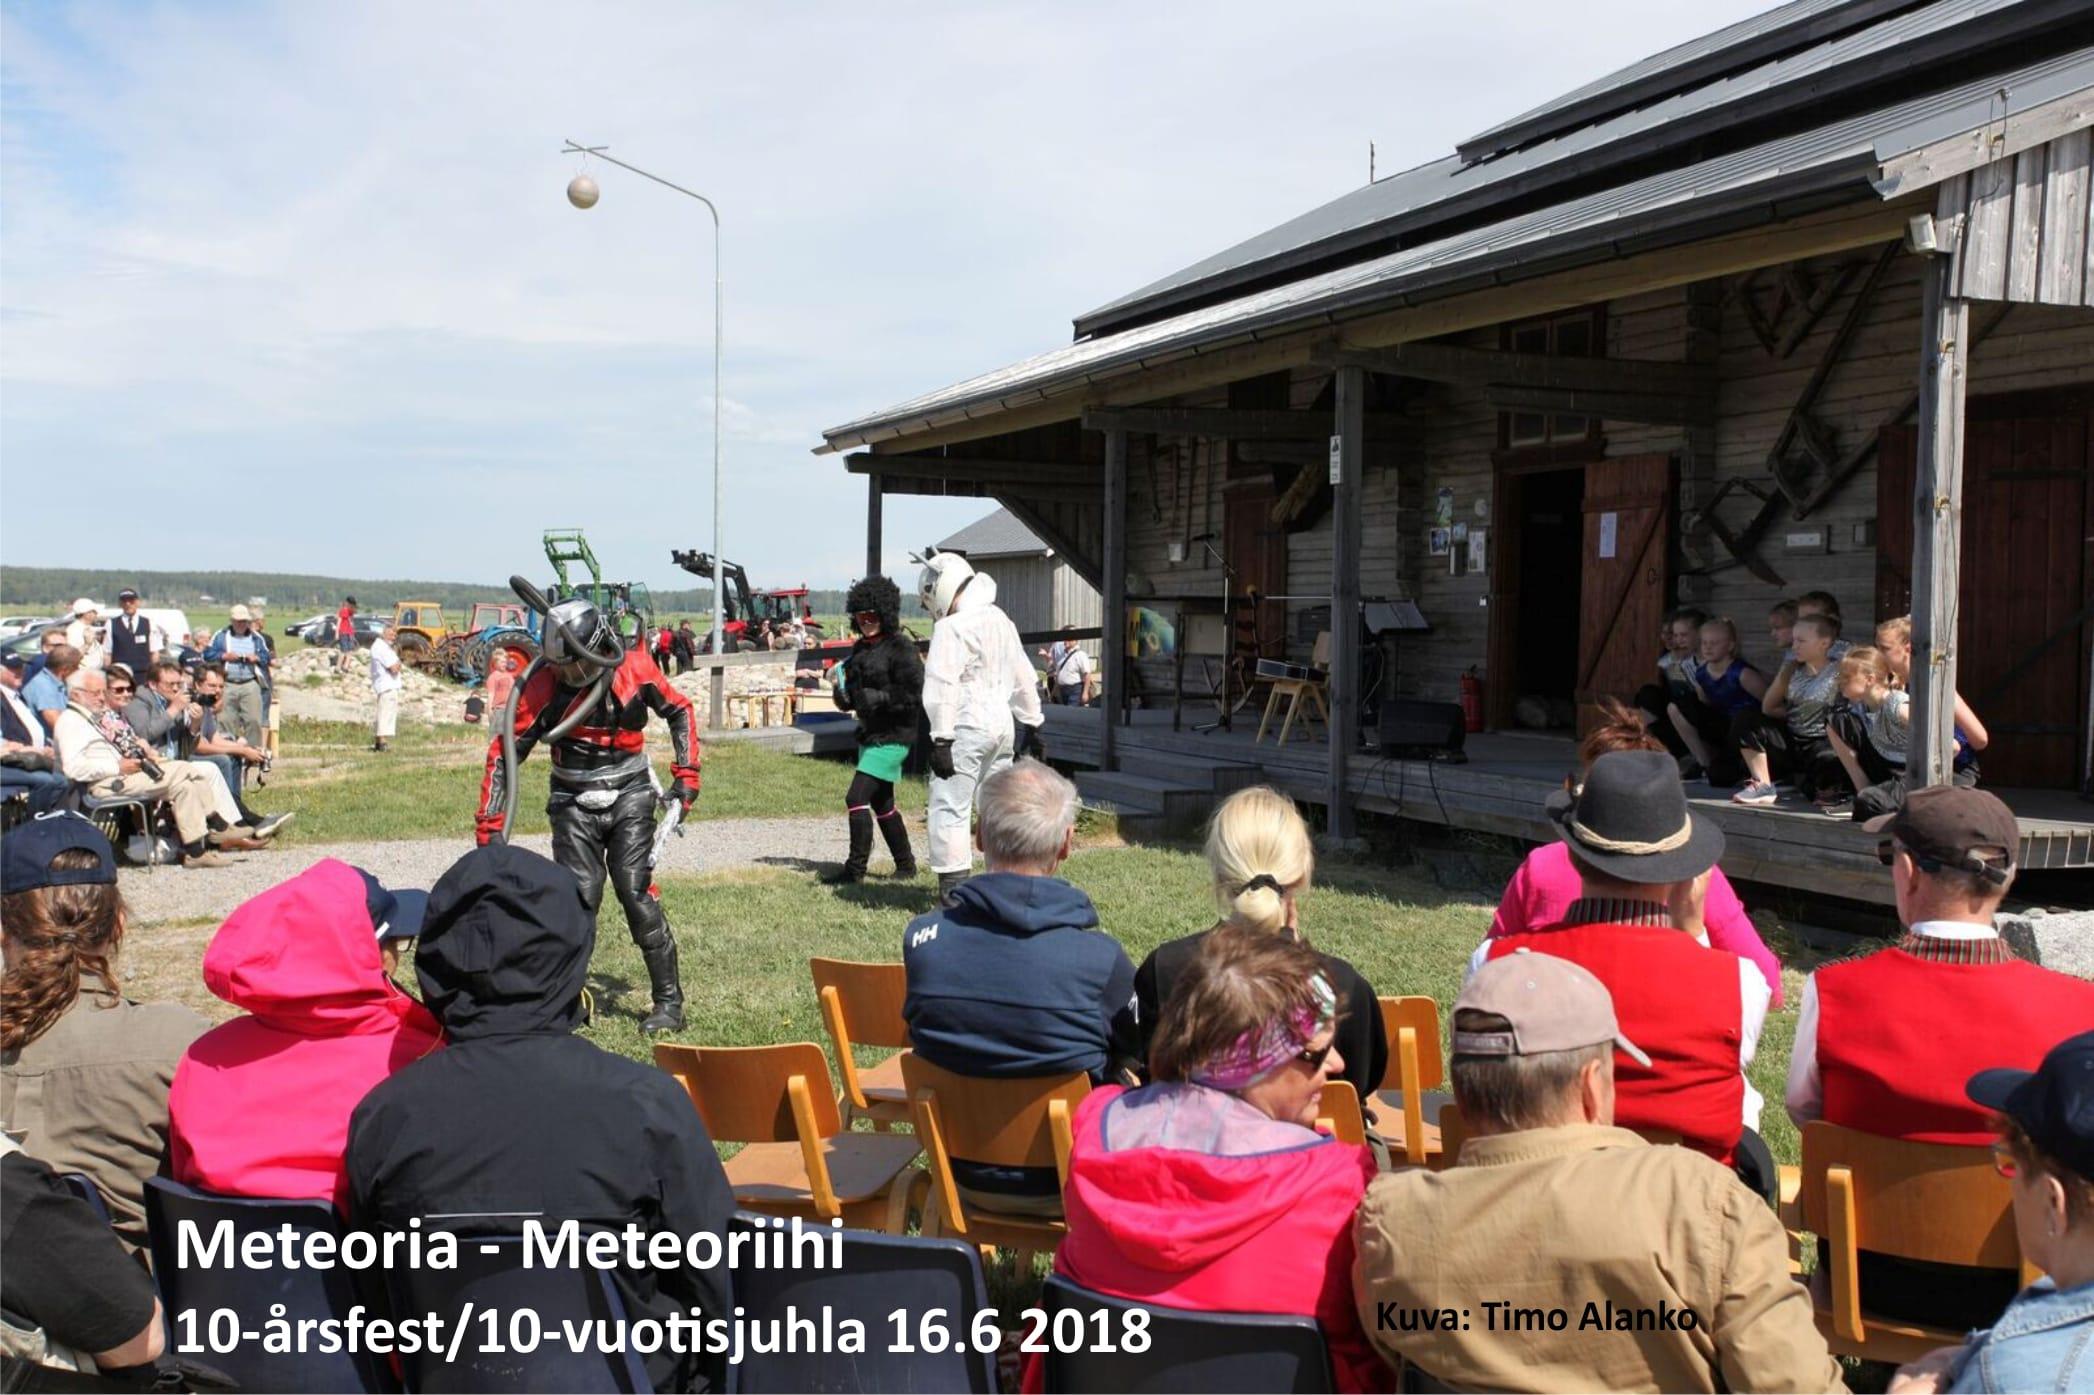 10-årsfest 16.6-18 Timo A.jpg